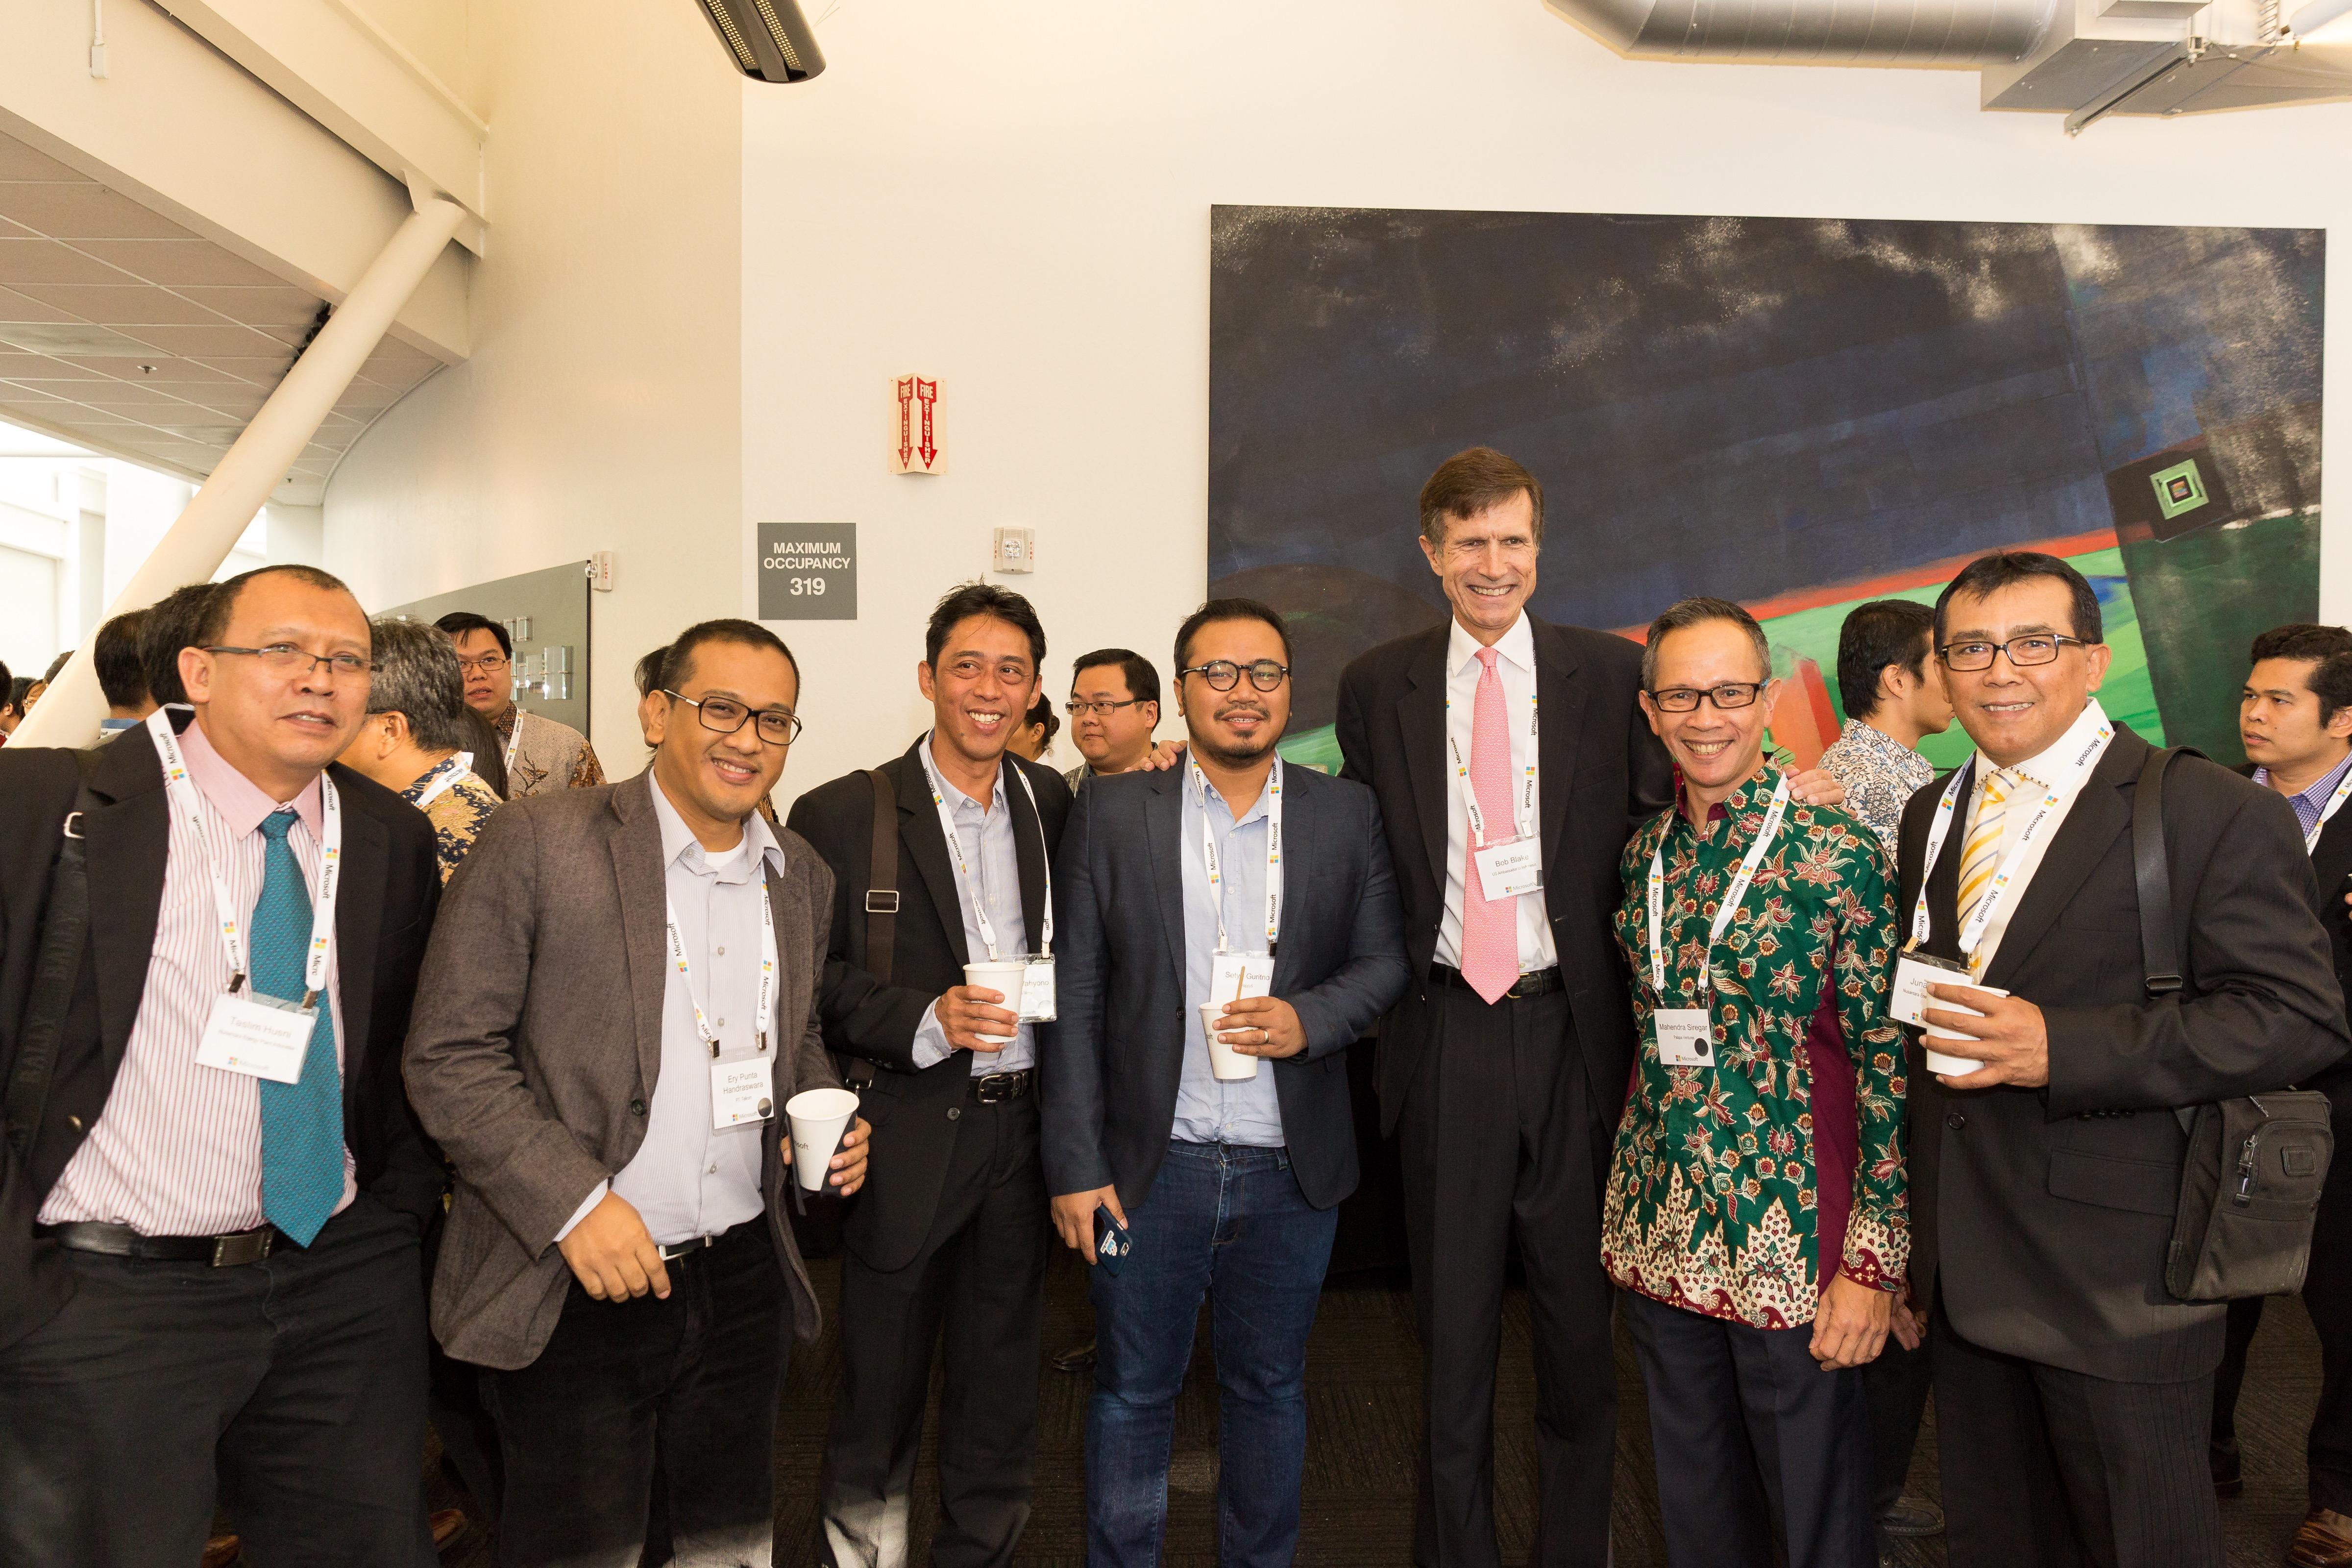 Indo delegation visit to SV - 13 of 115